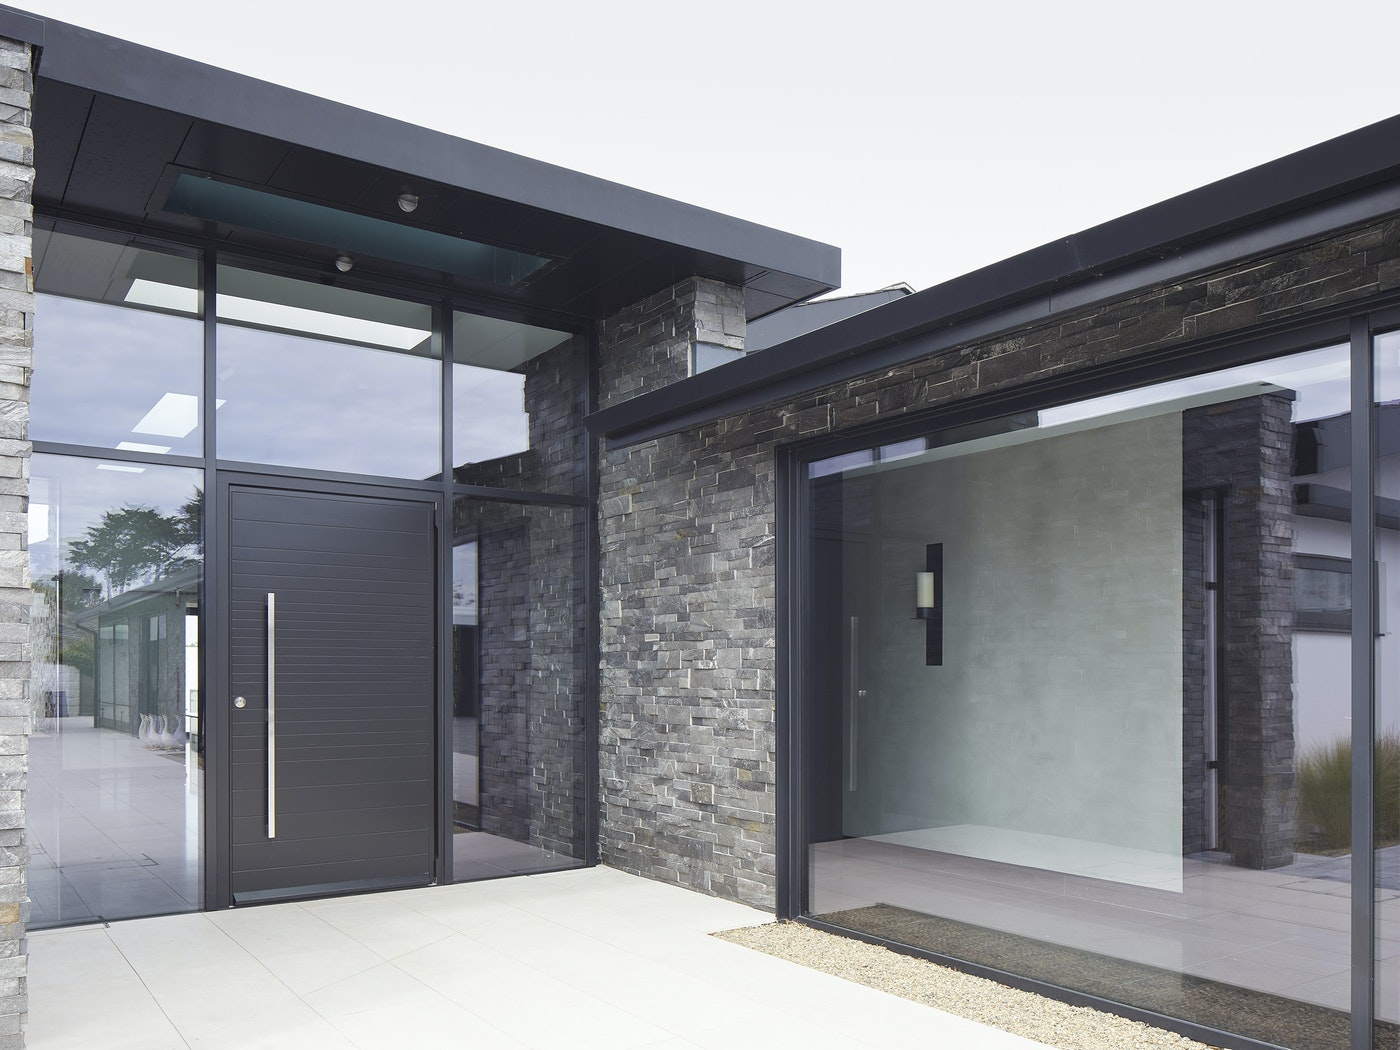 black aluminium glazing works beautifully with the stone cladding